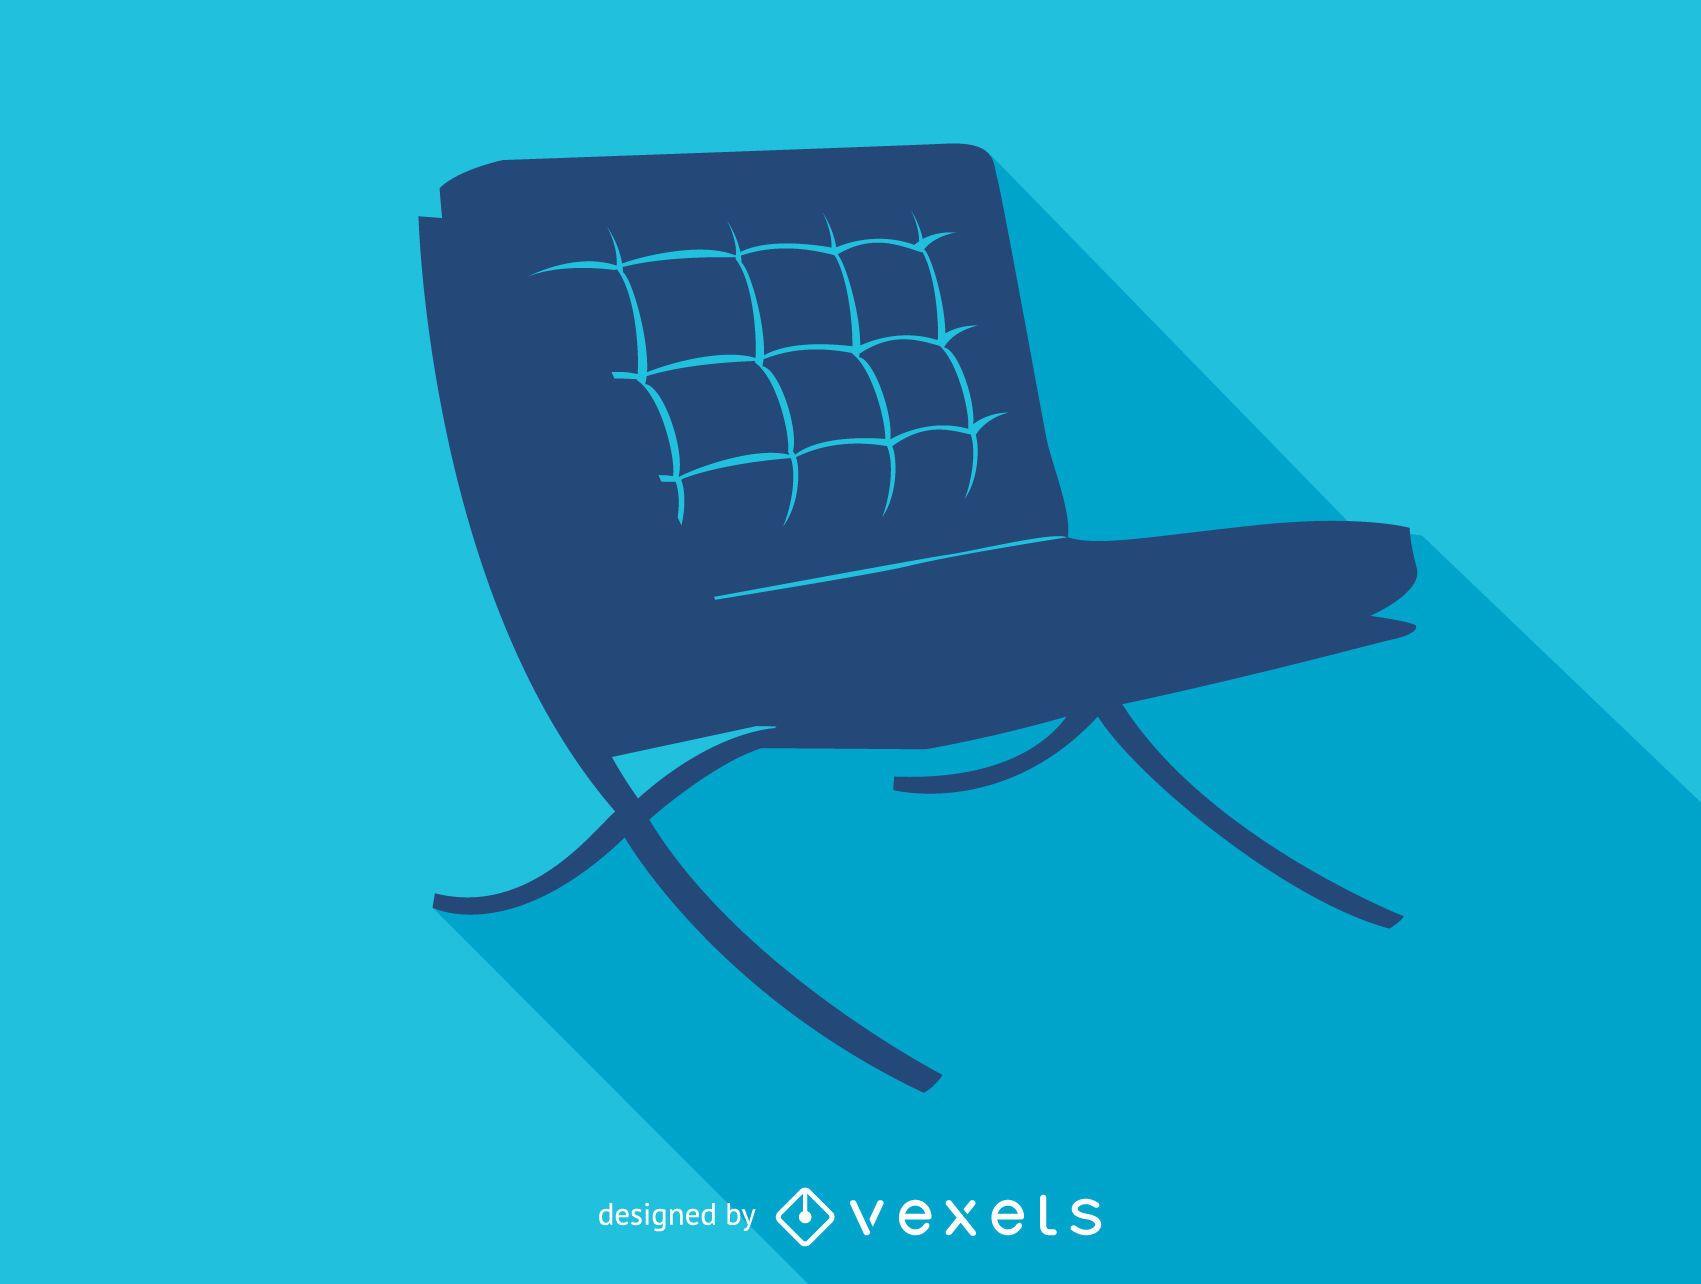 Icono de silueta de silla de Barcelona